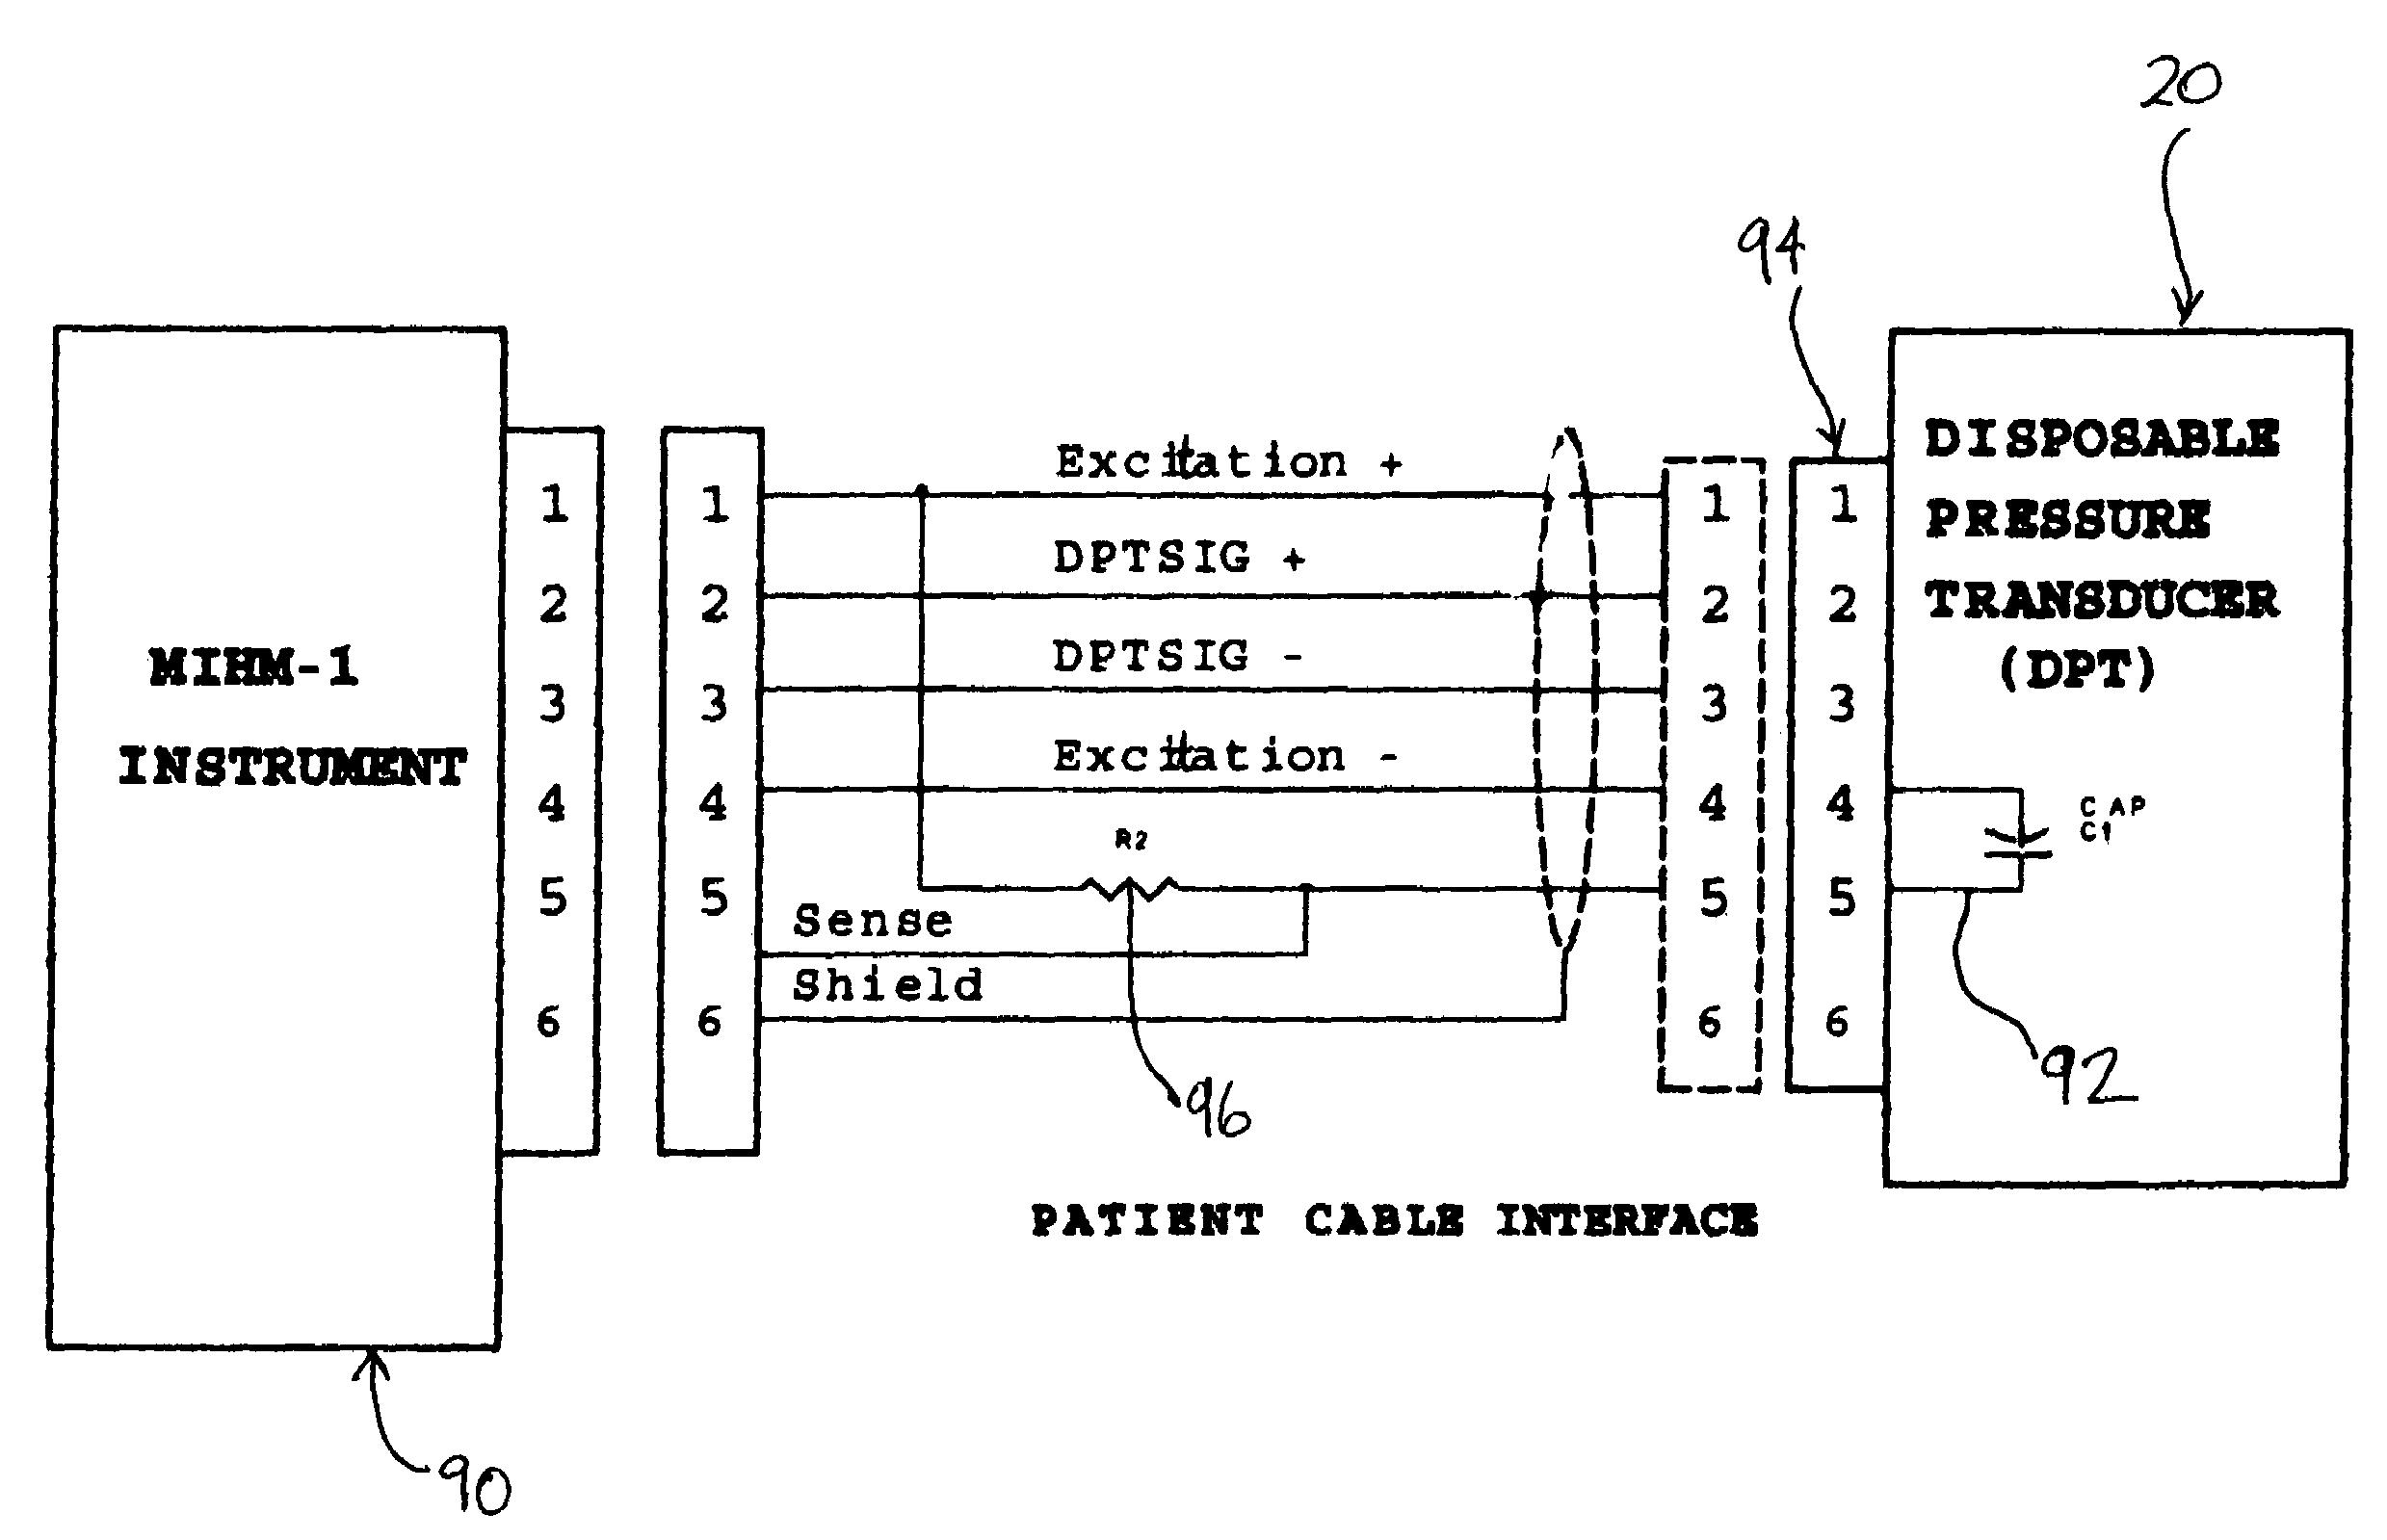 Pressure Transducer Wiring Diagram And Schematics